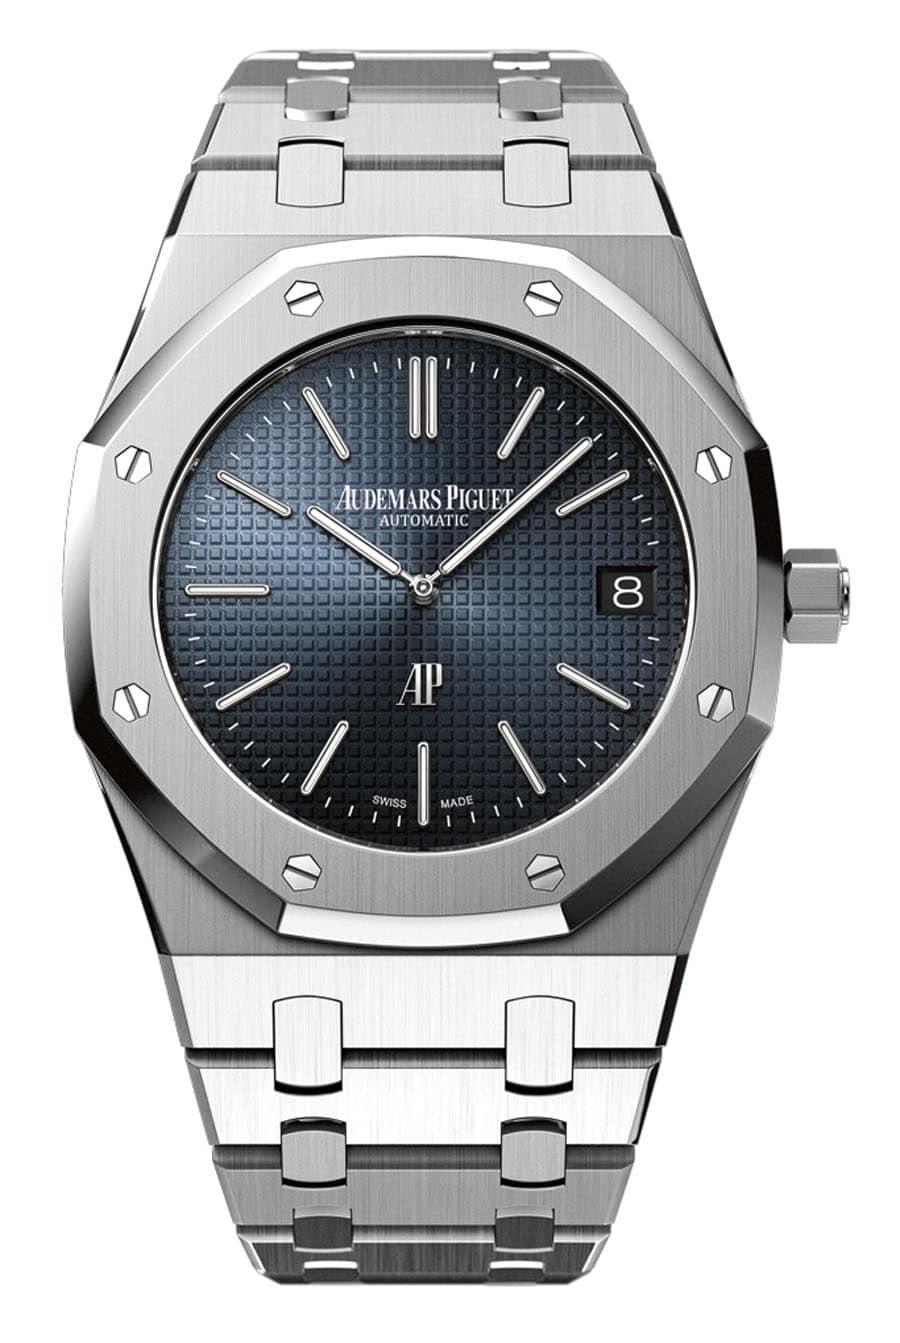 Uhren-Ikone #3: Audemars Piguet Royal Oak